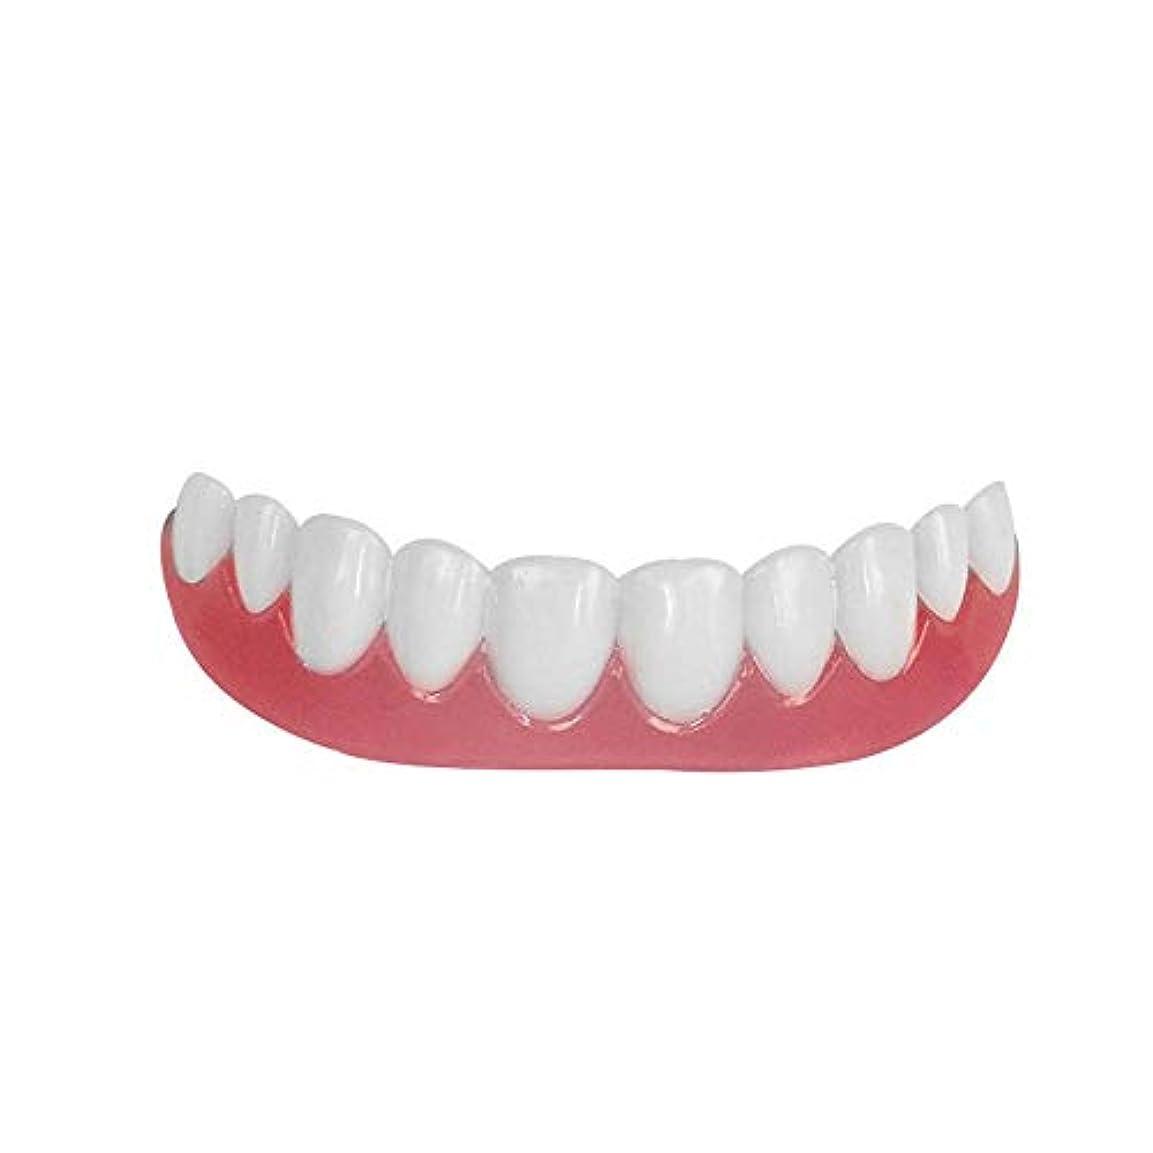 敏感な持っている配置シリコーン模擬歯上歯、歯科用ステッカーのホワイトニング、歯のホワイトニングセット(1pcs),A